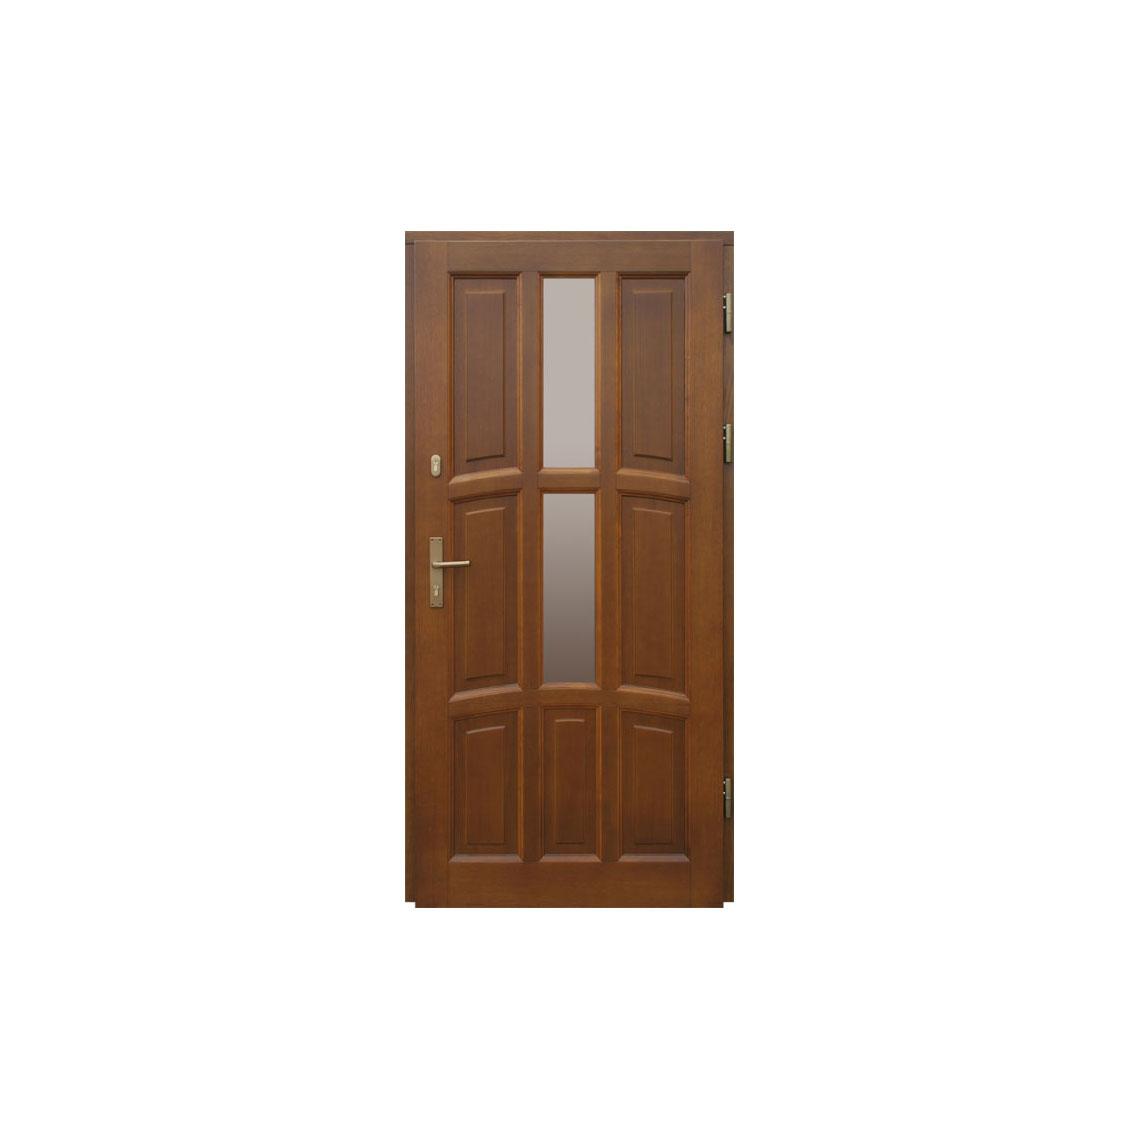 Wooden door WD-13